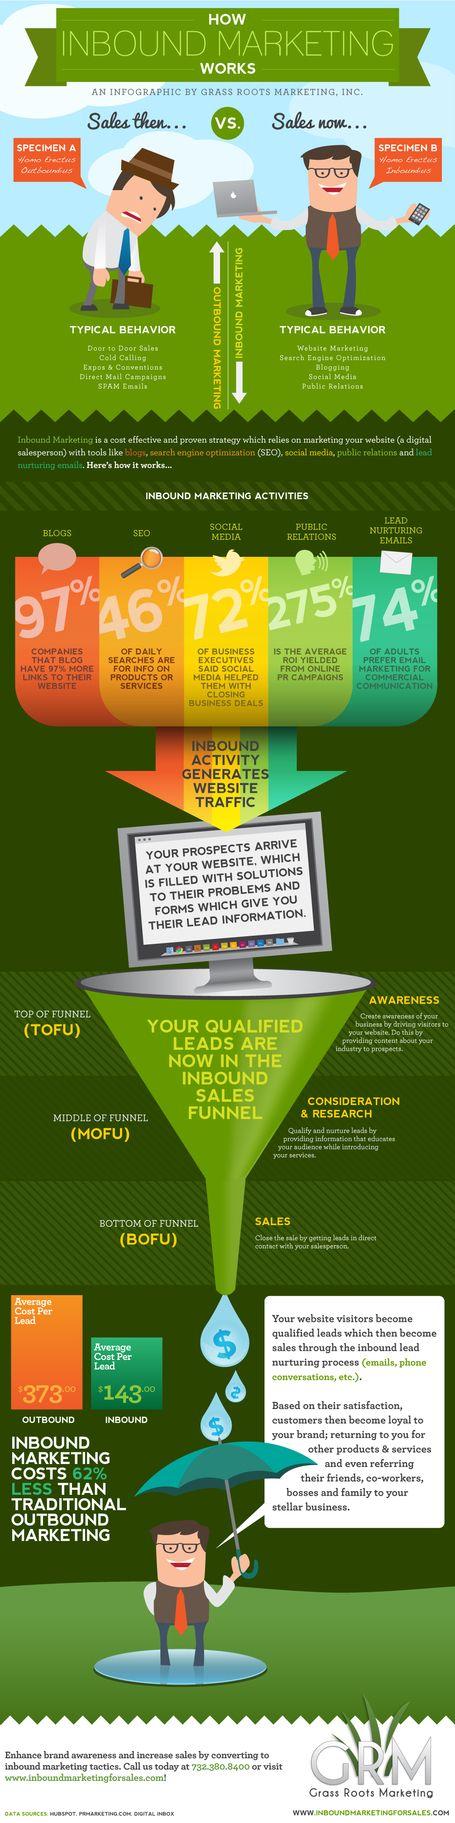 How inbound marketing works ?   Marketing web 2.0   Scoop.it